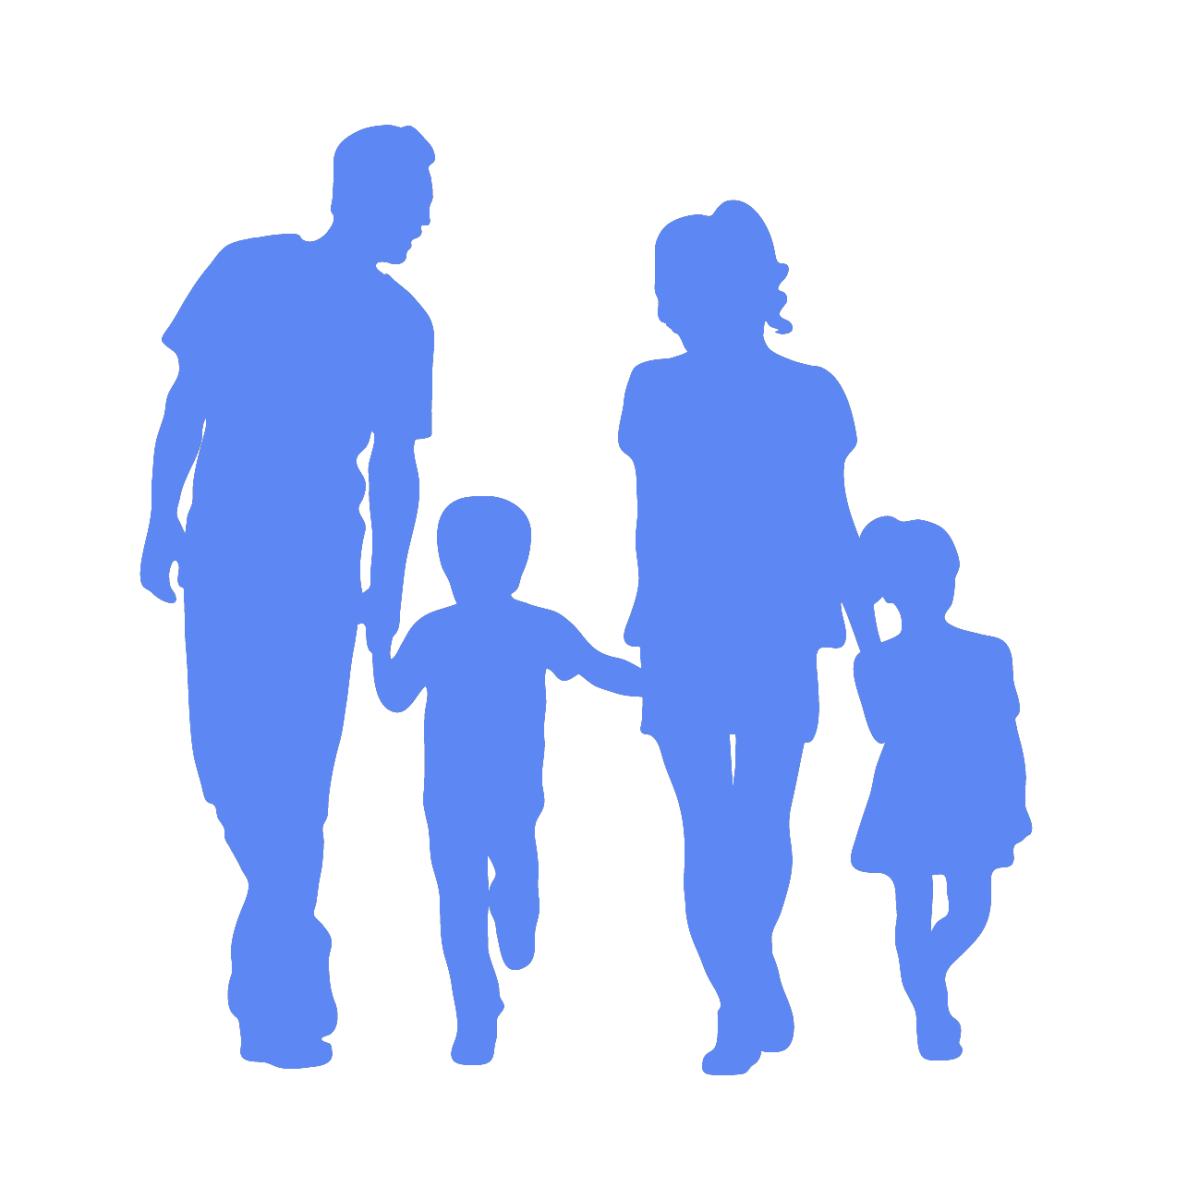 家族療法を表すイメージ